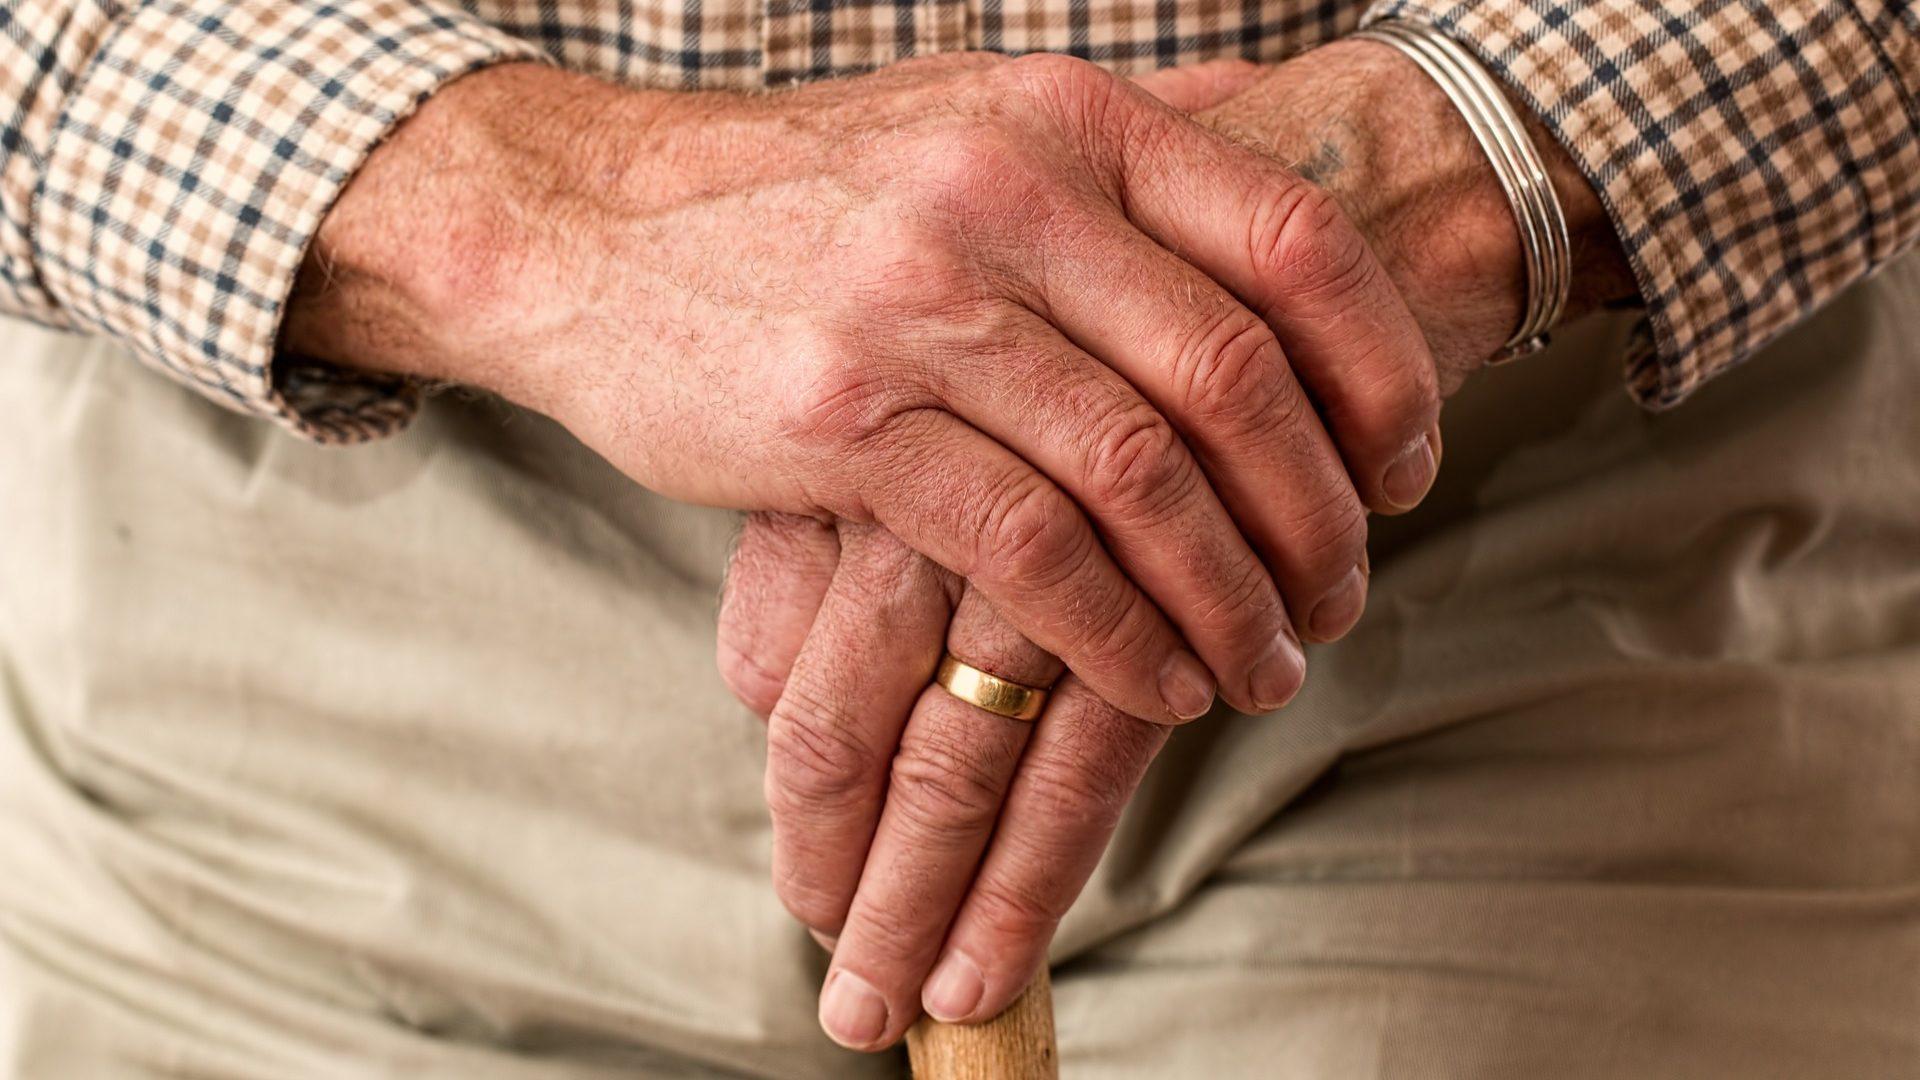 Identificado idoso infetado por Covid-19 em lar ilegal em Vila Nova da Barquinha